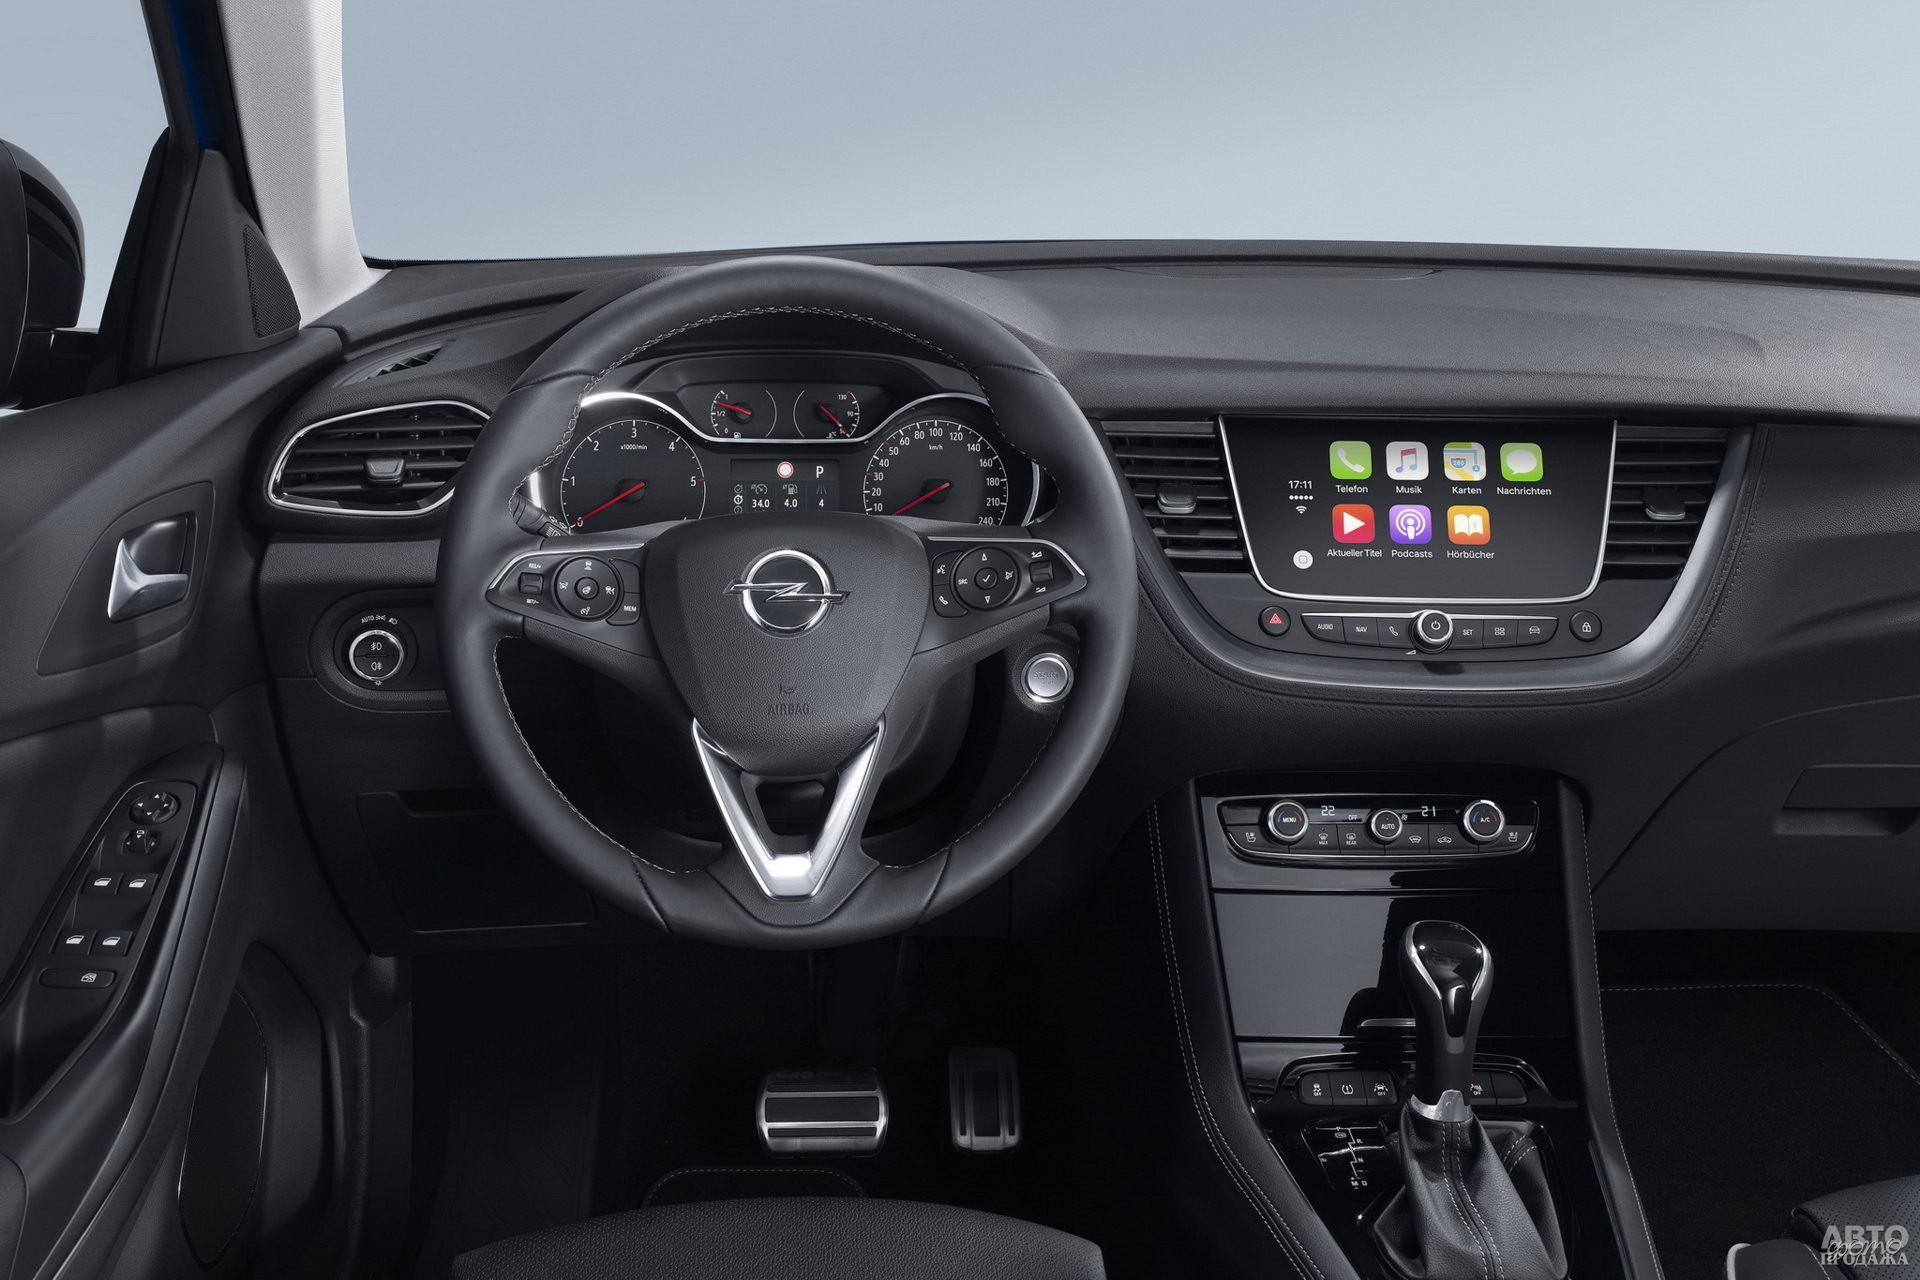 Приборы Opel глубоко врезаны в панель